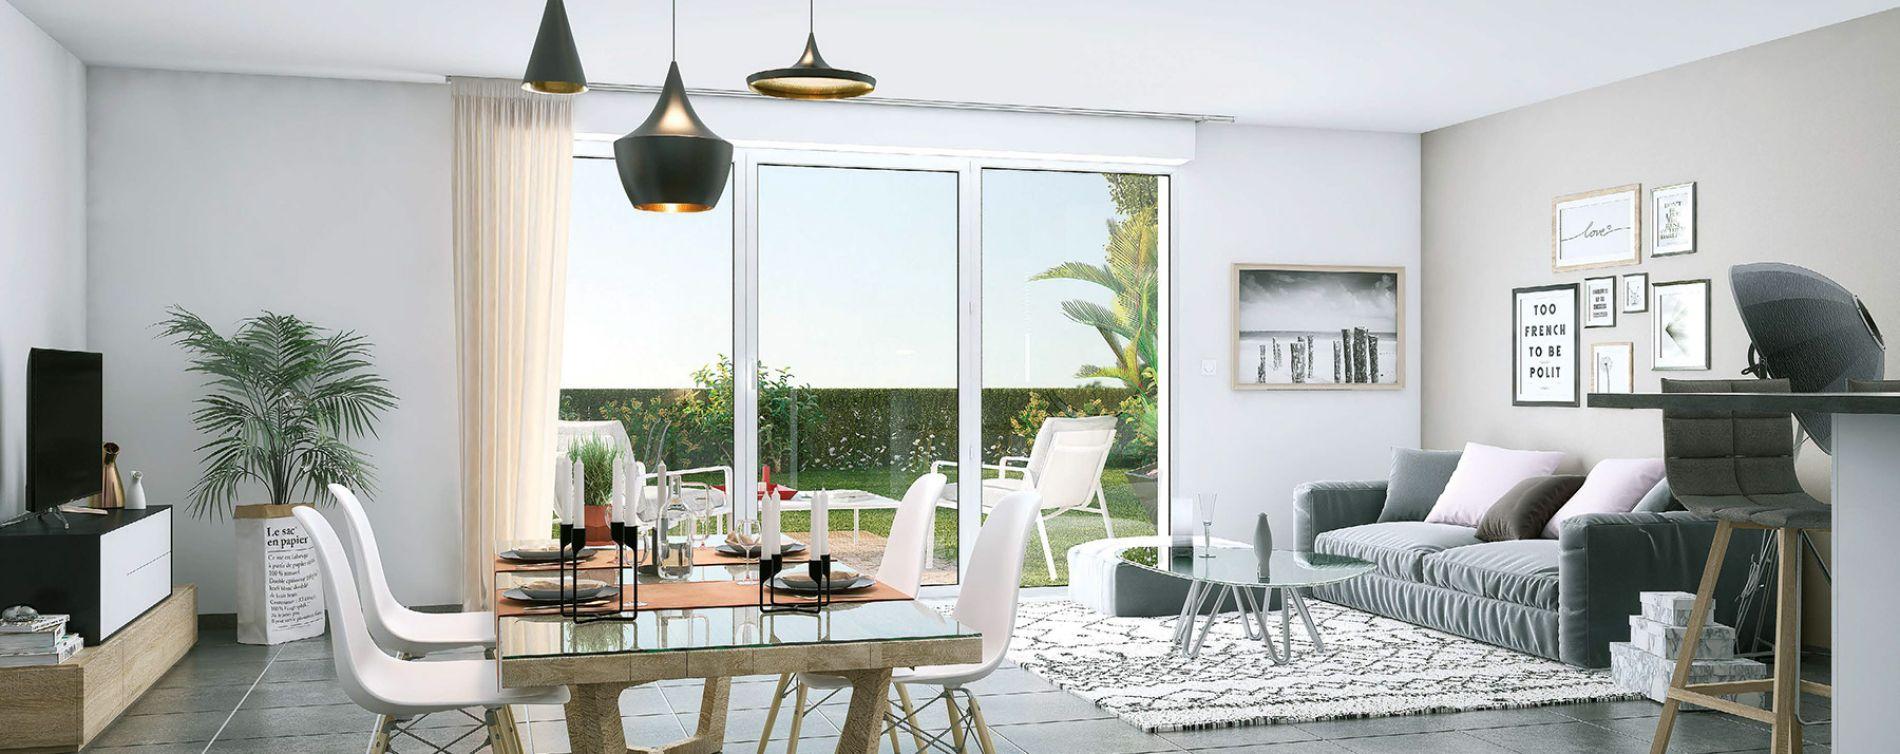 Parempuyre : programme immobilier neuve « Les Villas Pourpres 2 » (3)